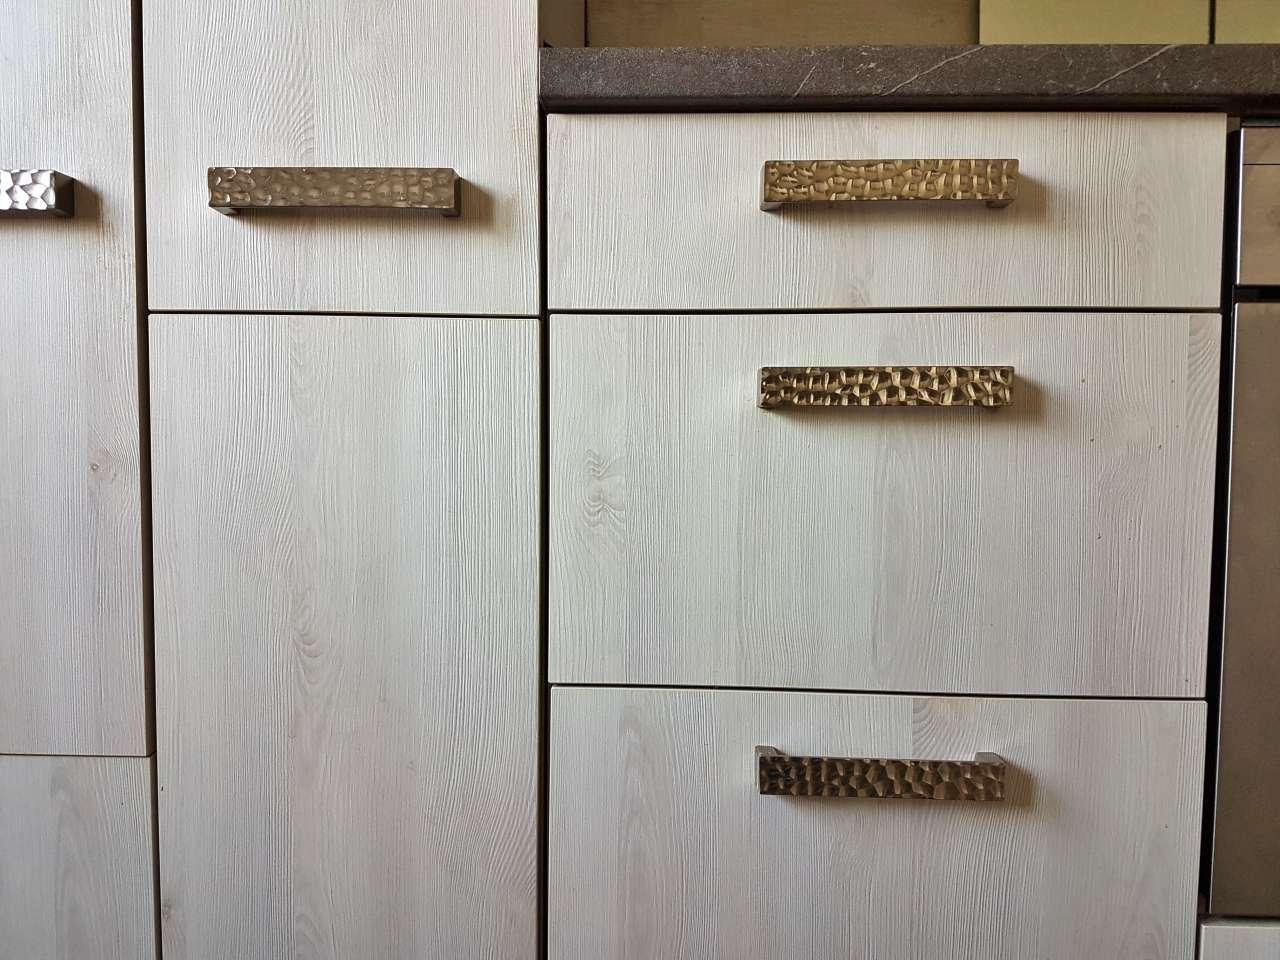 Einbauküche Küche L-Form mit E-Geräten Schrankgriffe